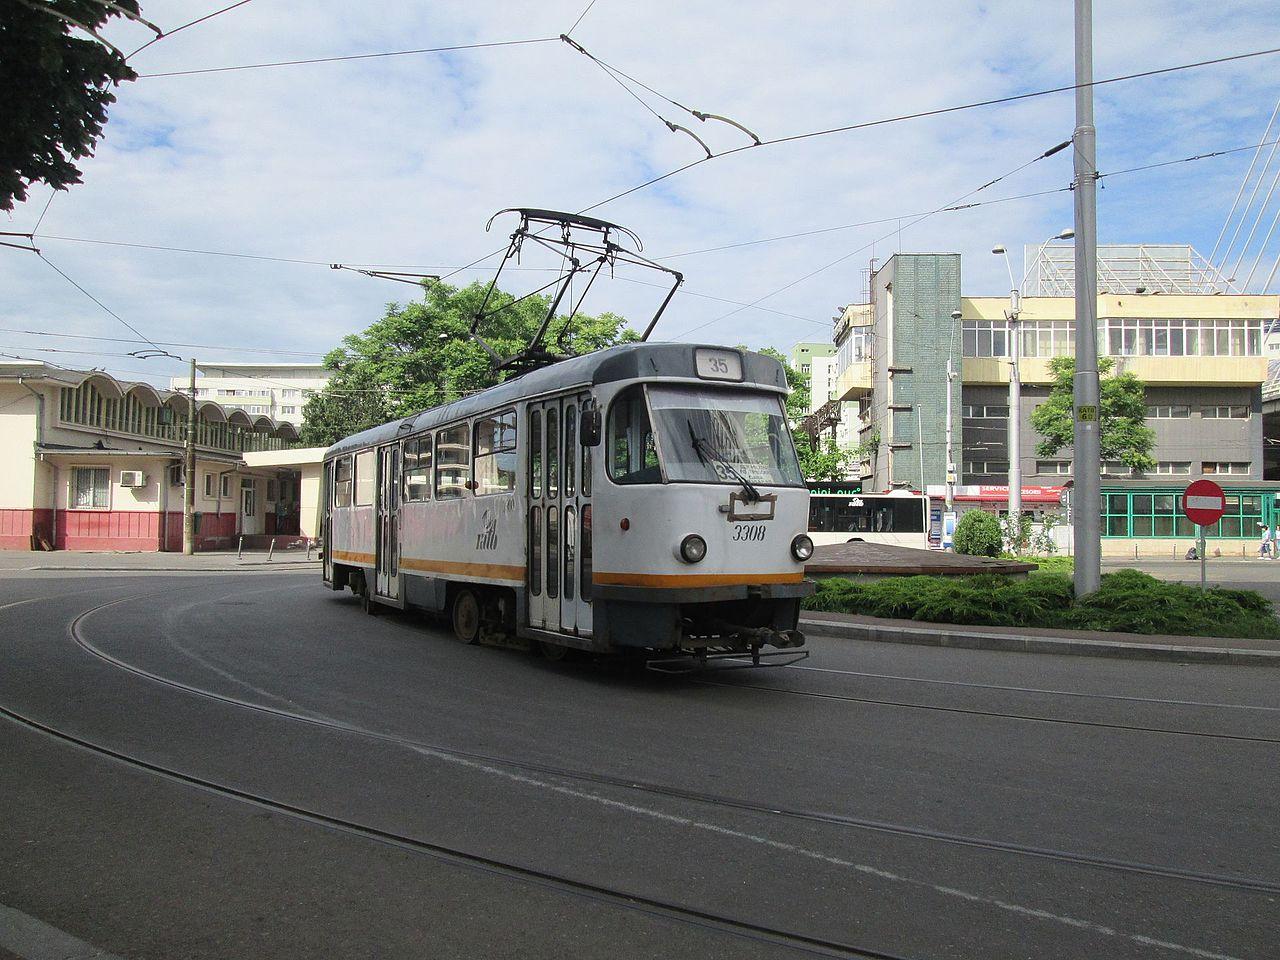 Tramwaj Tatra T4R linii 35 na stacji Basarab